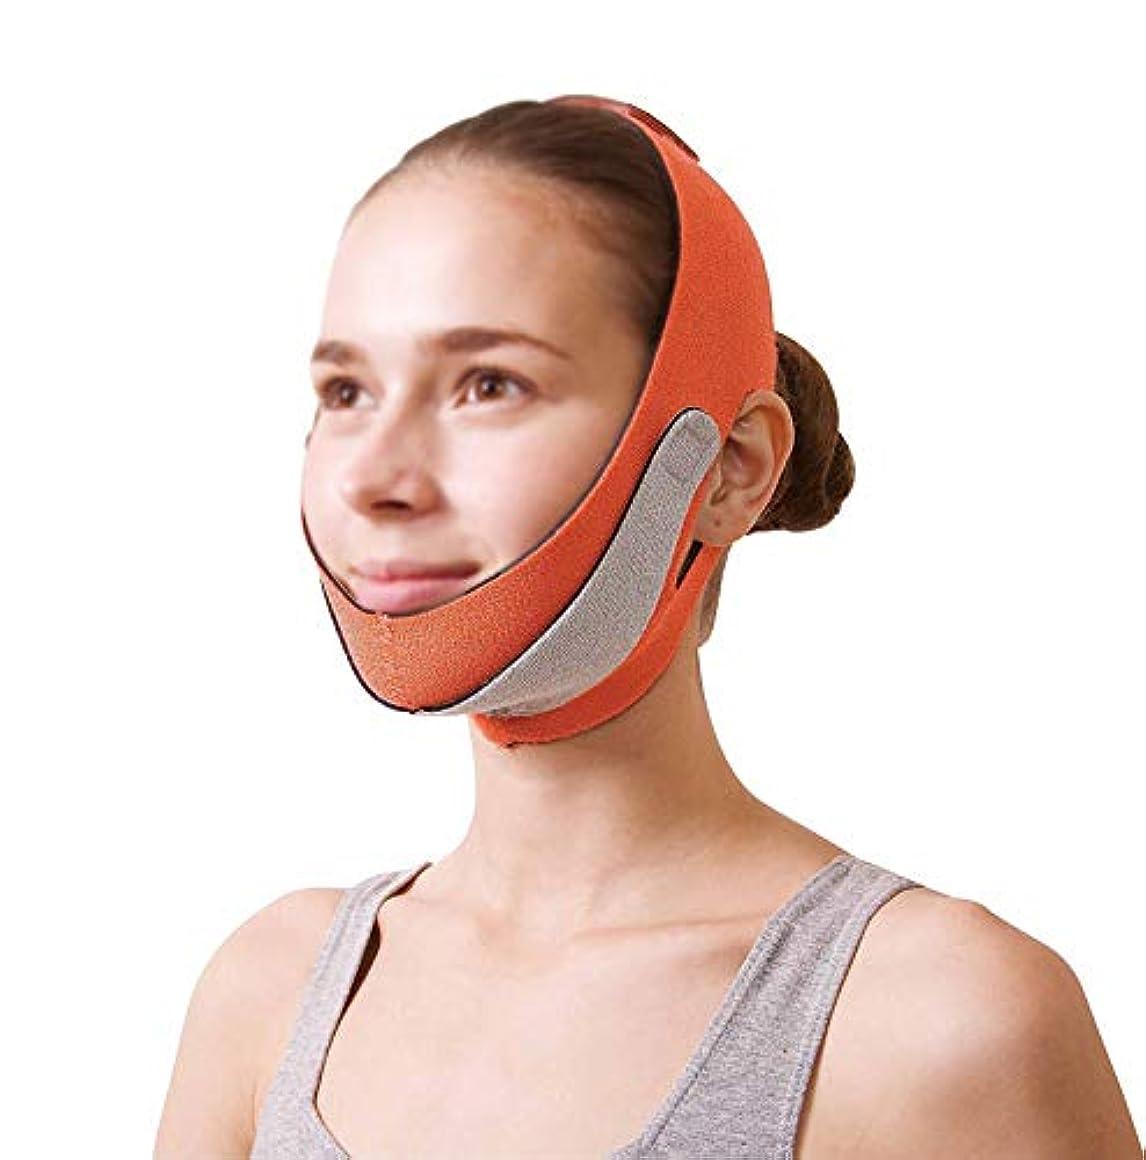 シャッフルデッドバイナリTLMY 薄いフェイスマスクあごストラップ回復パッチ包帯ヘッドマスクフェイシャルマスクフェイシャルマスクアーティファクト美容フェイシャルとネックリフトオレンジマスク 顔用整形マスク